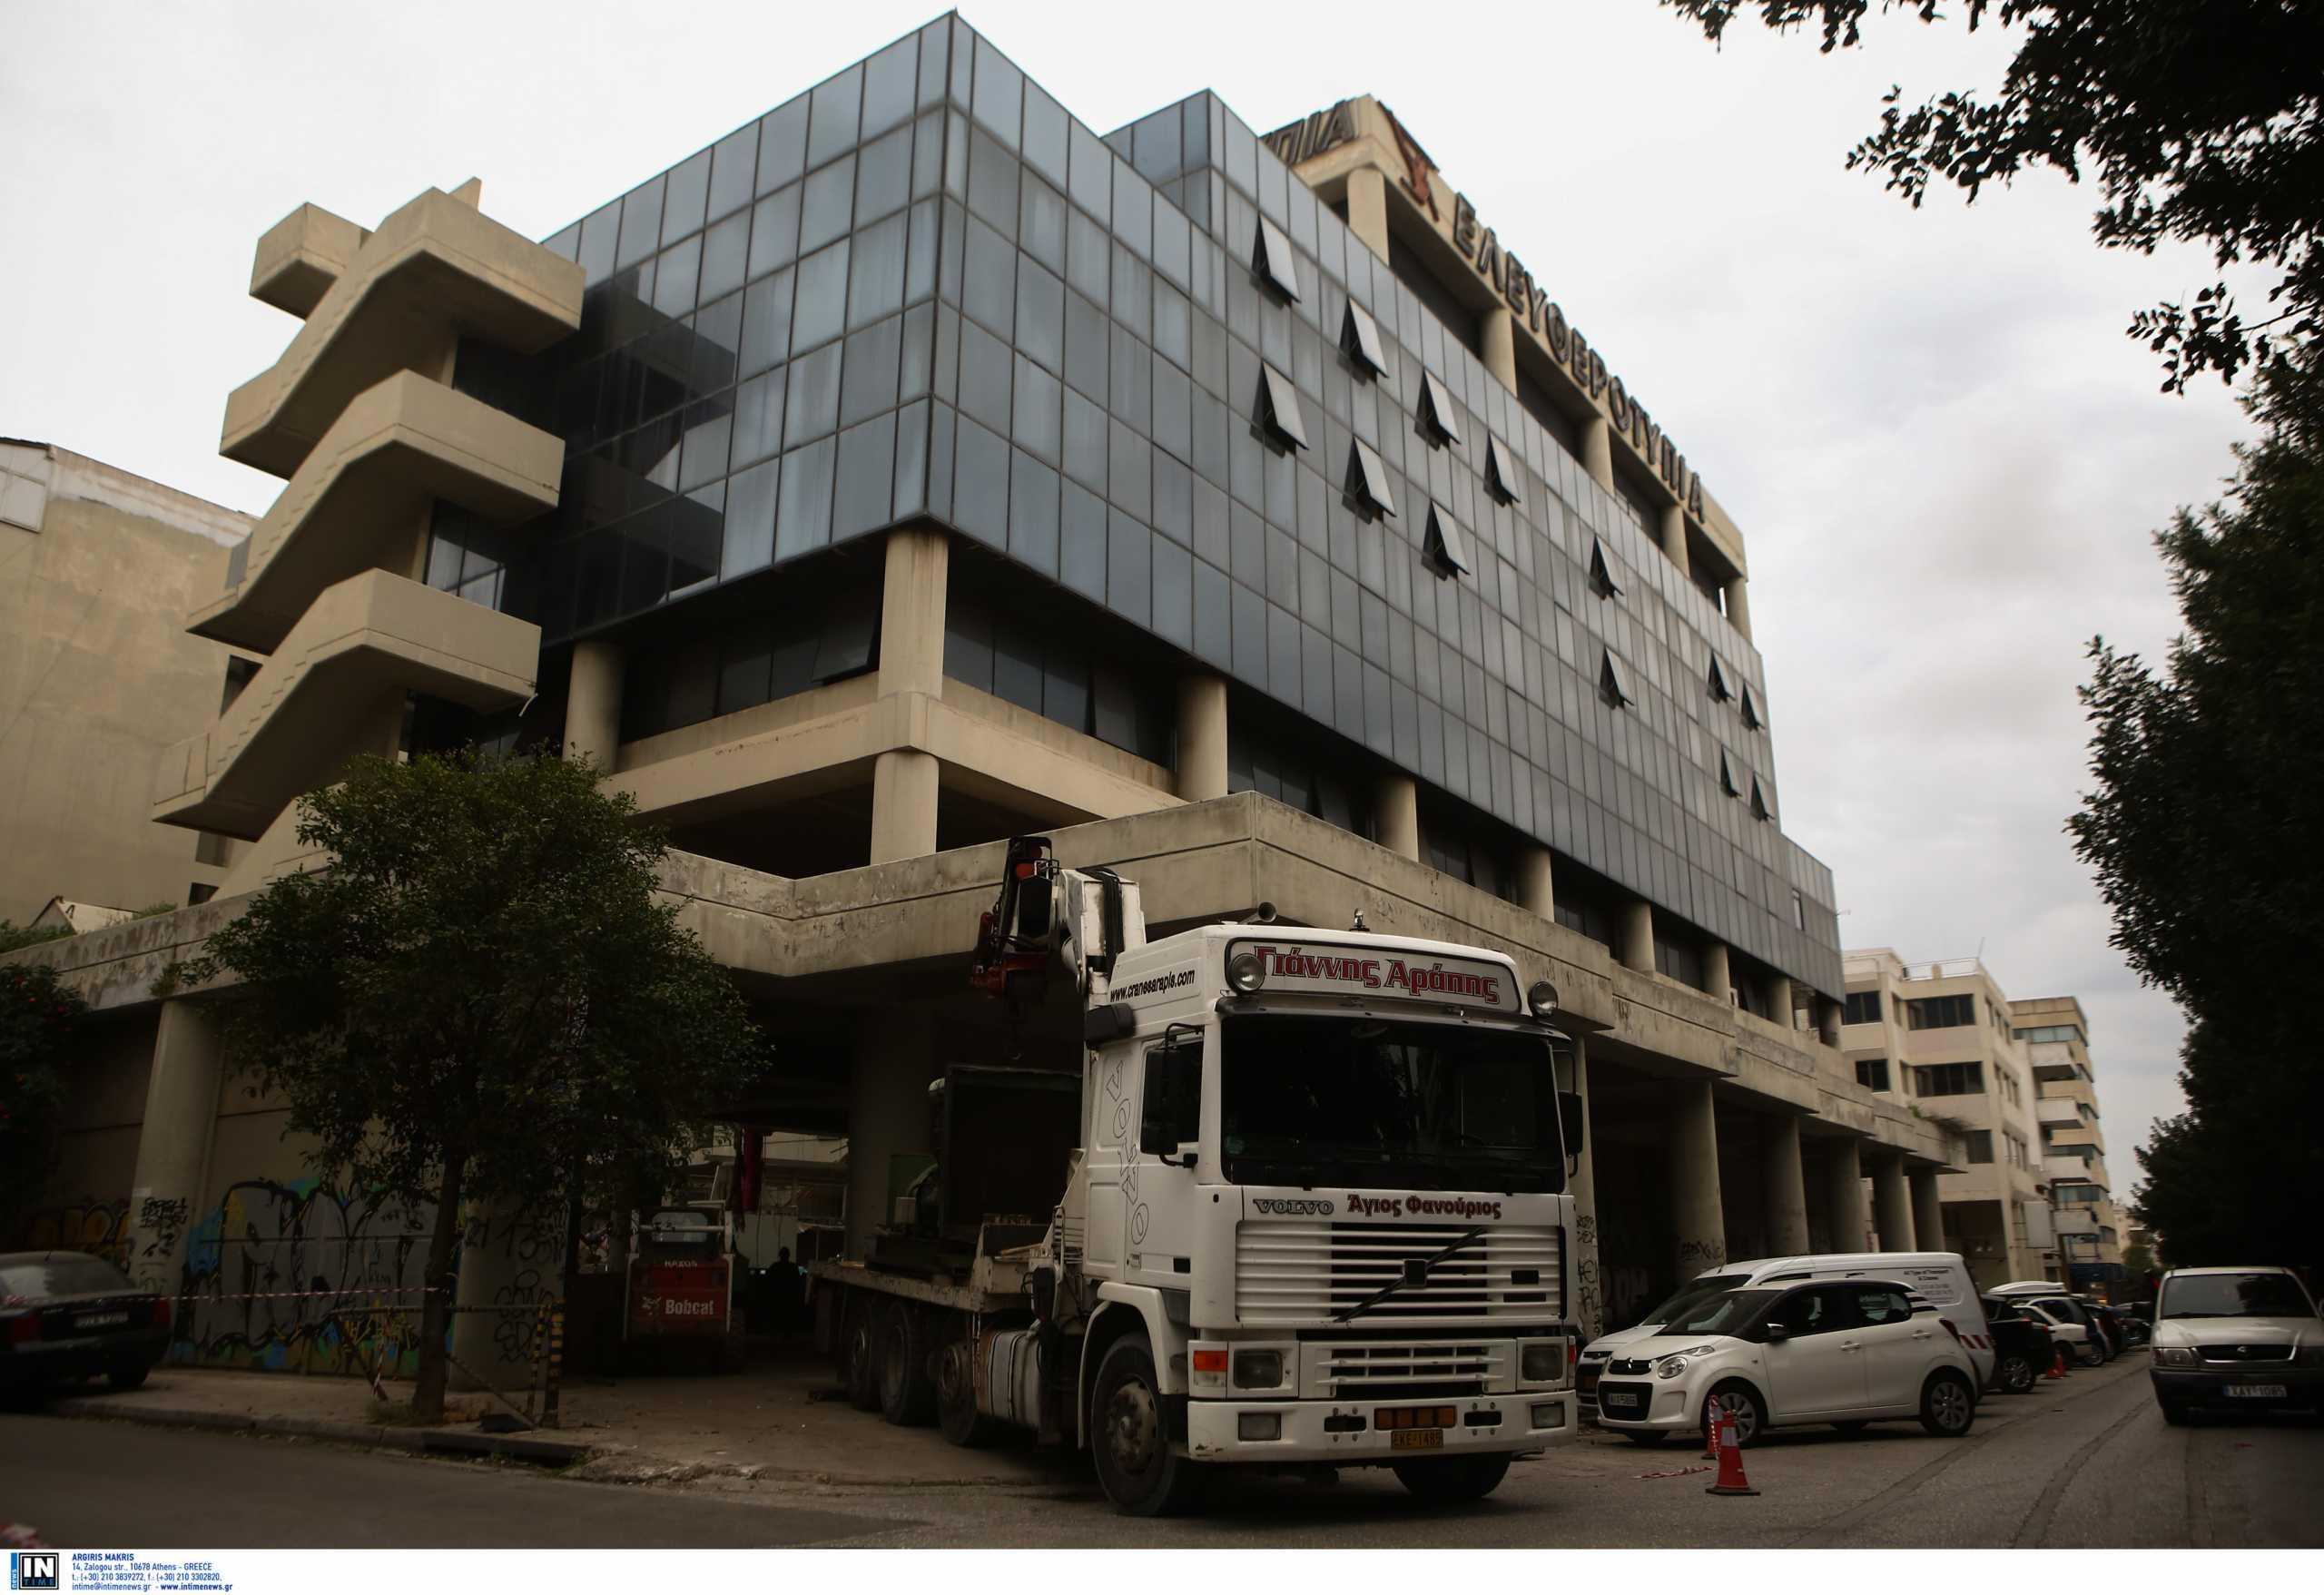 Real Estate: Νέα «σελίδα» για κτίρια της Ελευθεροτυπίας και του ΔΟΛ